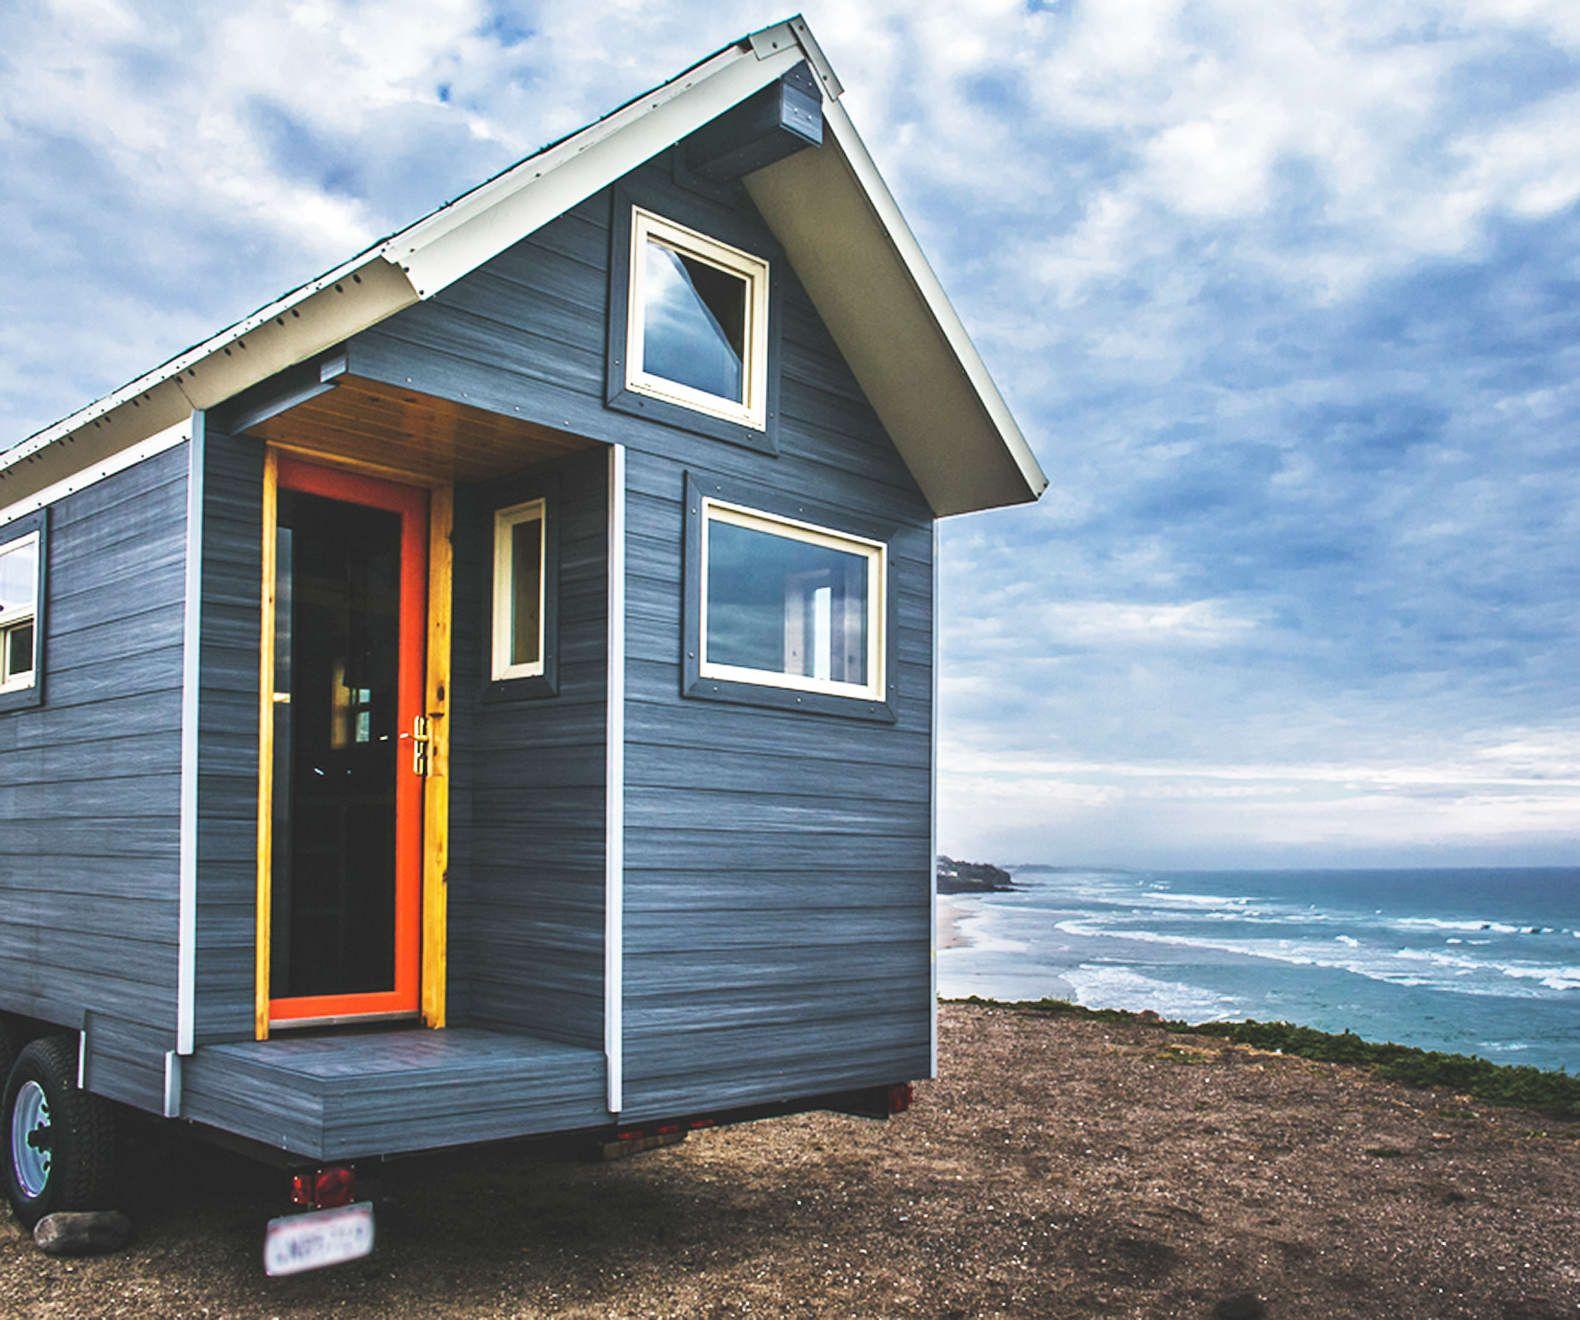 Enjoyable dark grey painted wall cheap tiny house tiny